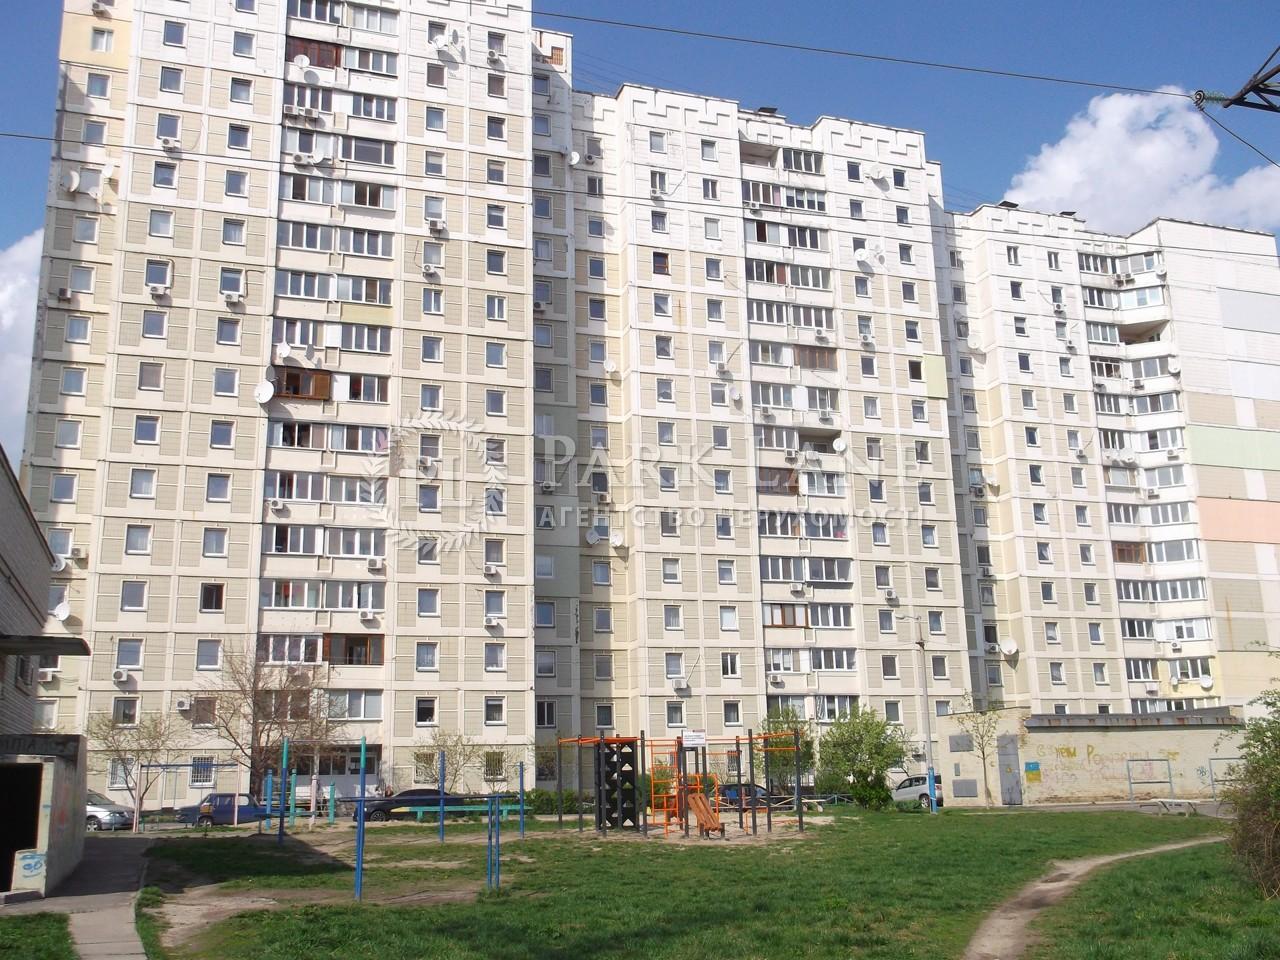 Квартира ул. Котовского, 47, Киев, D-13361 - Фото 1